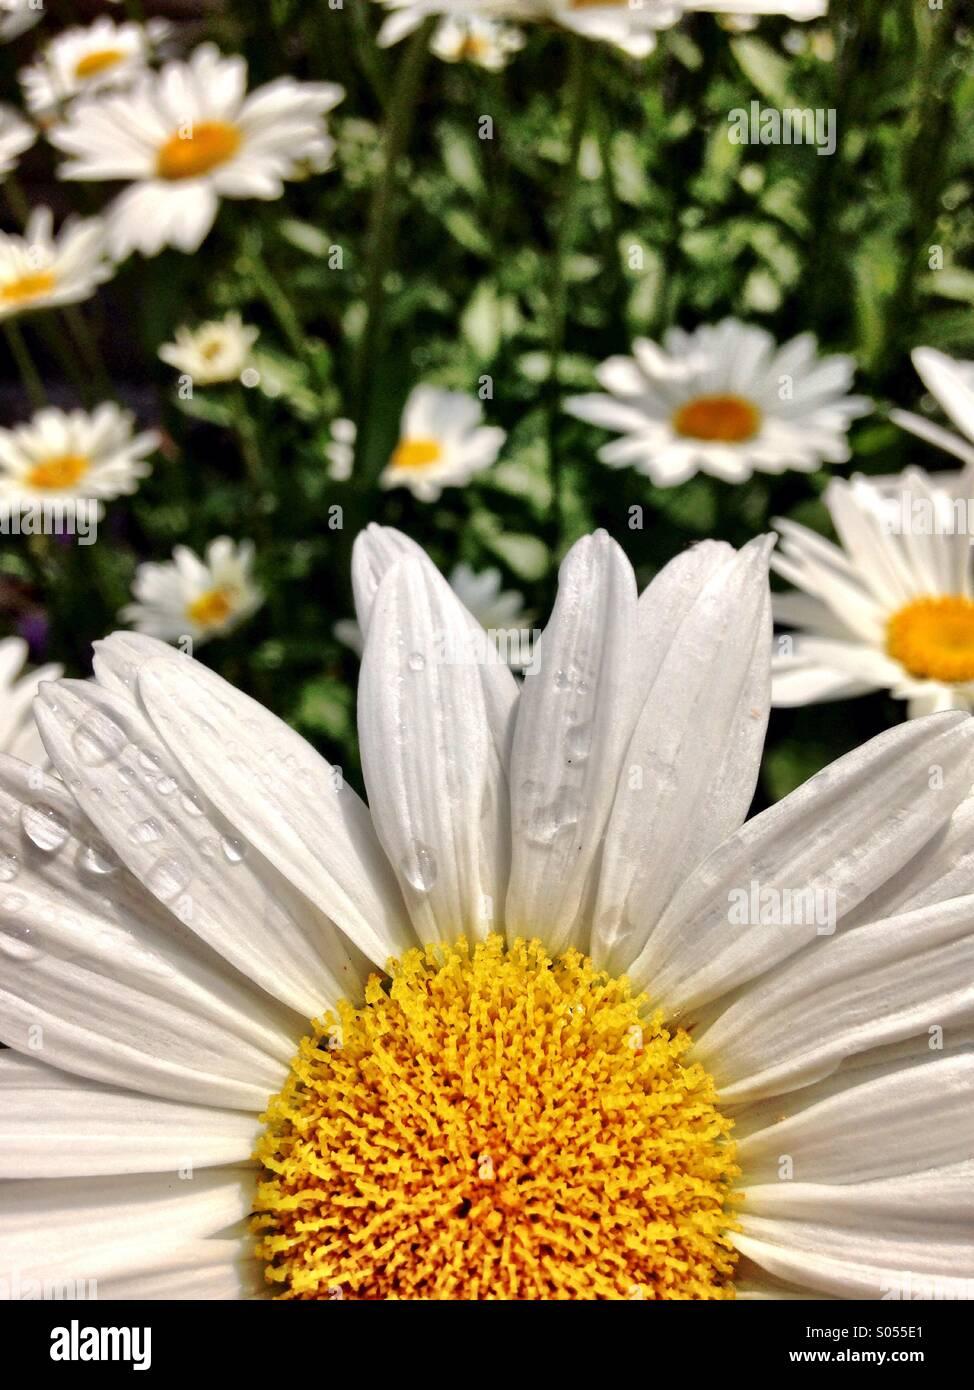 Daisy close up - Stock Image